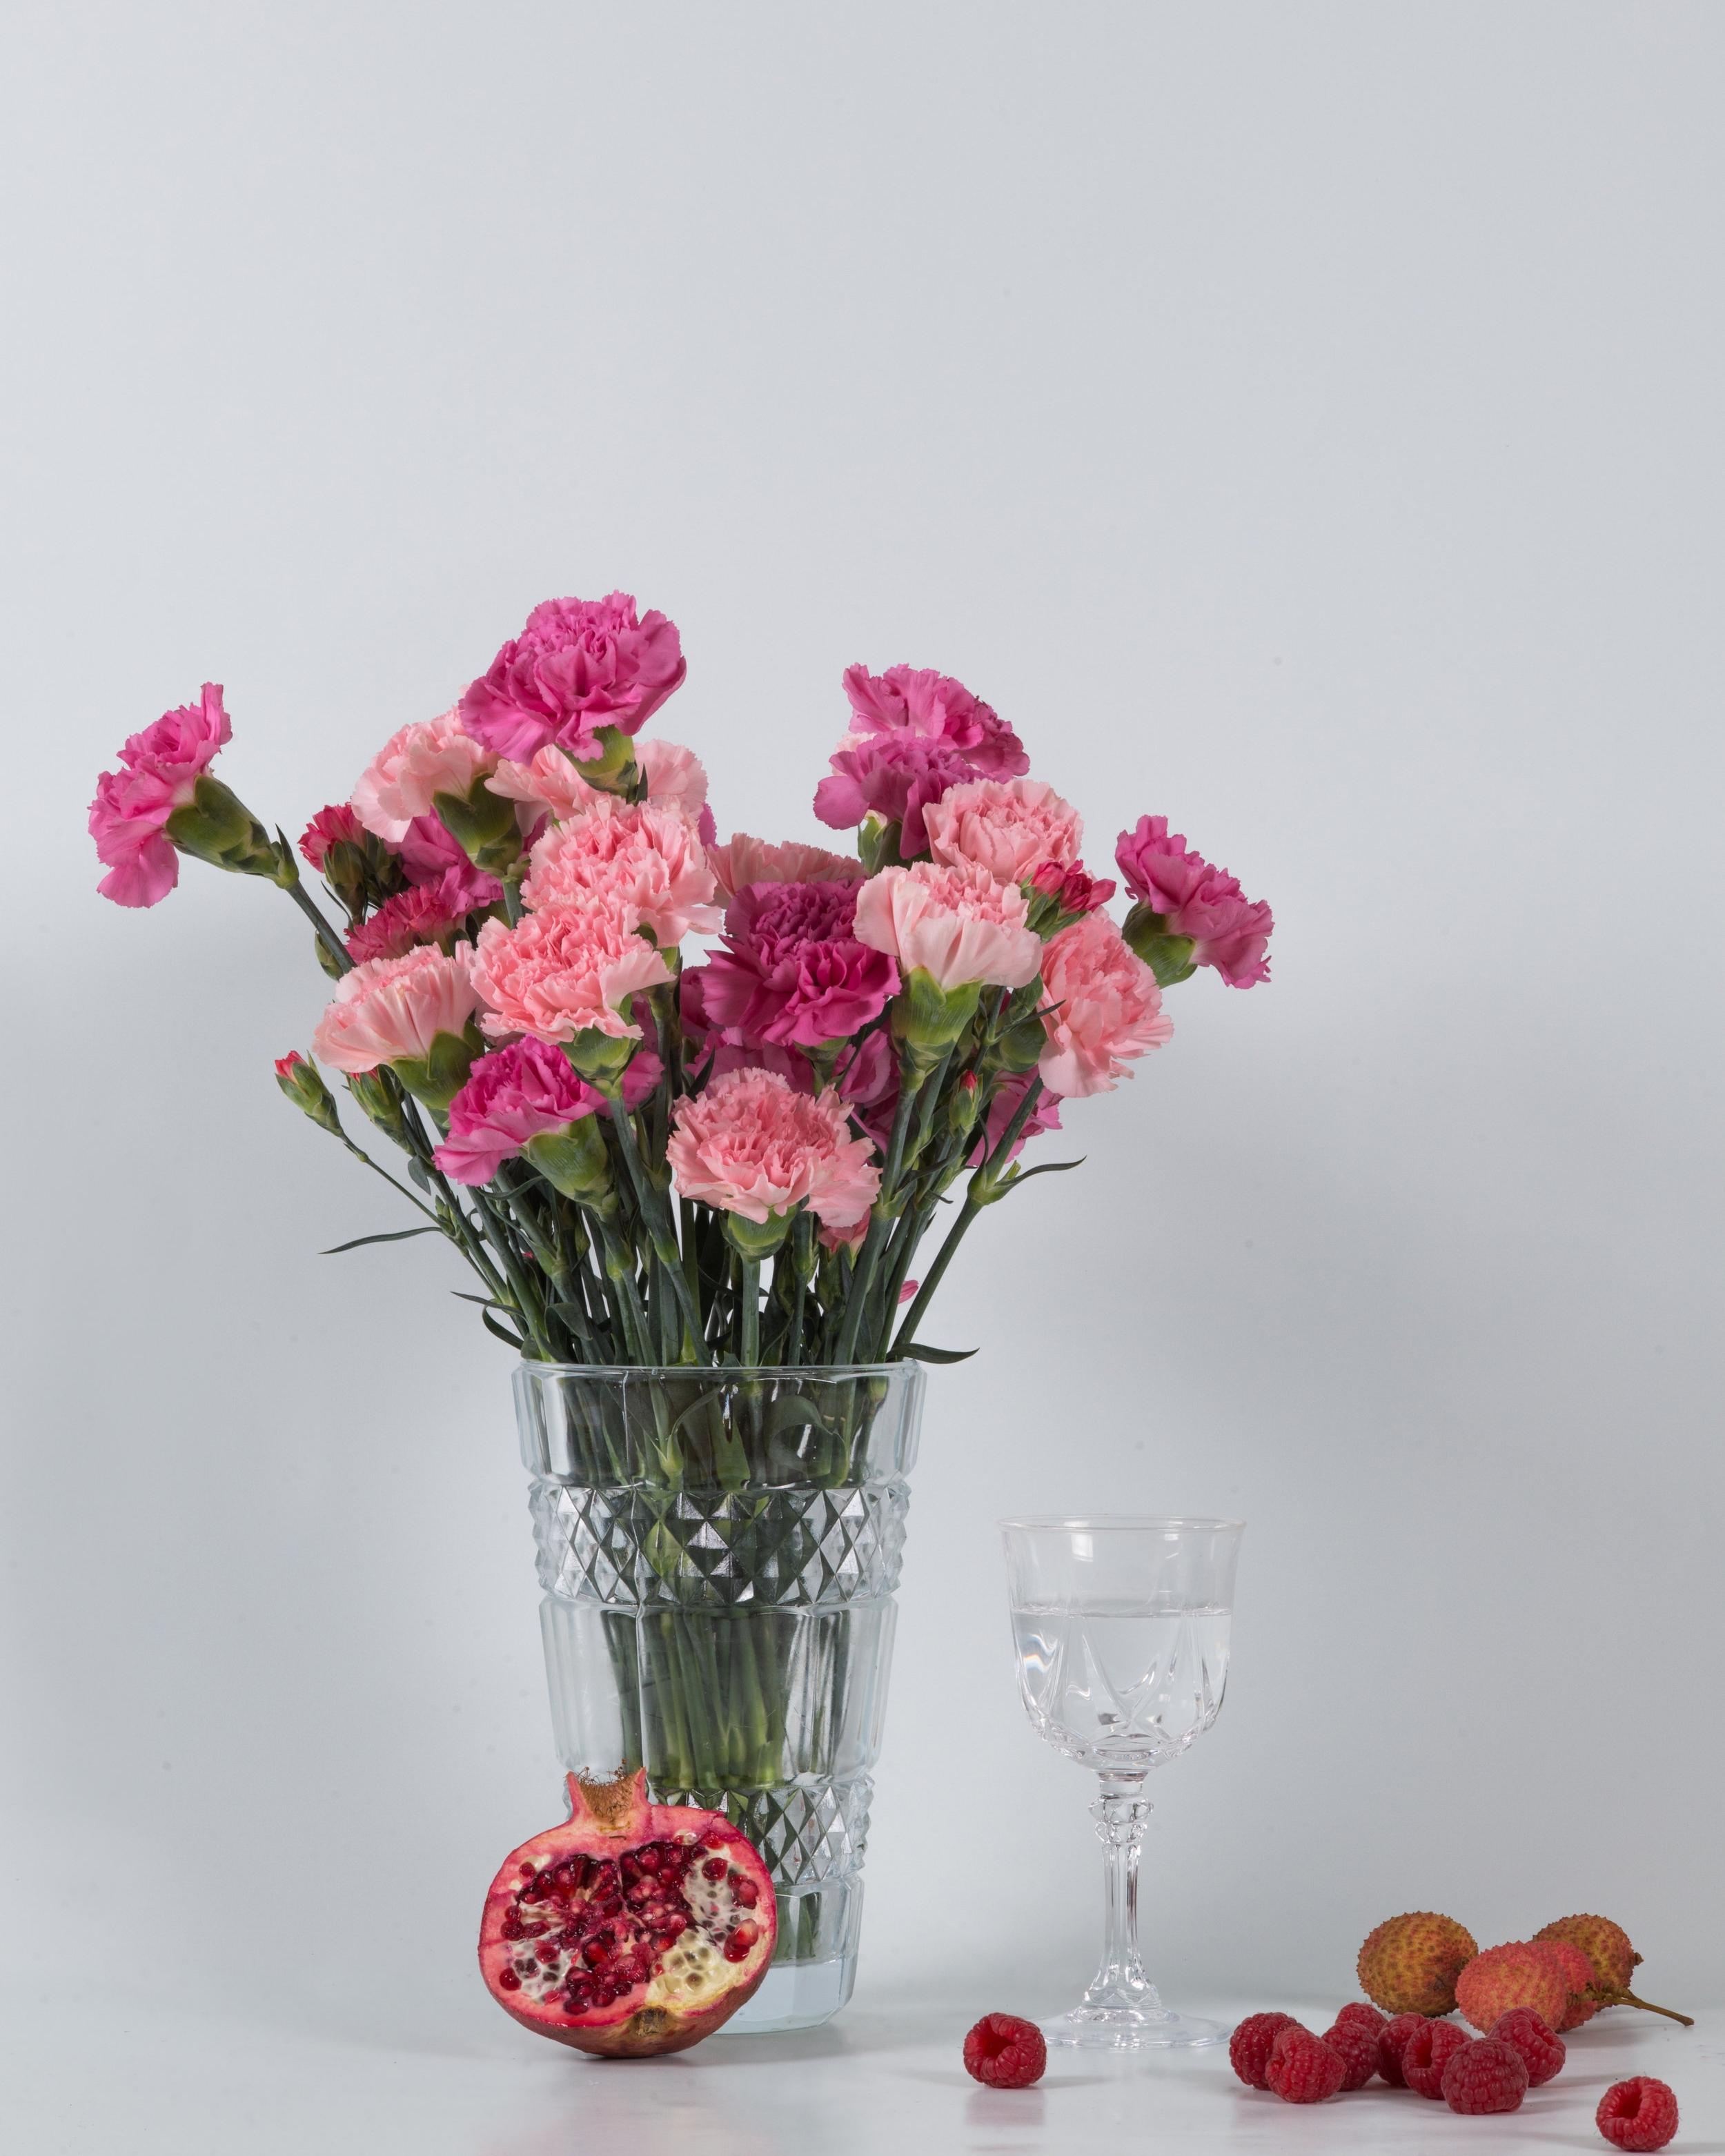 Abonnement - Embellir votre lieu avec un bouquet, une composition florale. Hebdomadaire, bimensuel, ou mensuel… nous trouverons ensemble la formule qui vous correspond le mieux - avec ou sans engagement -.